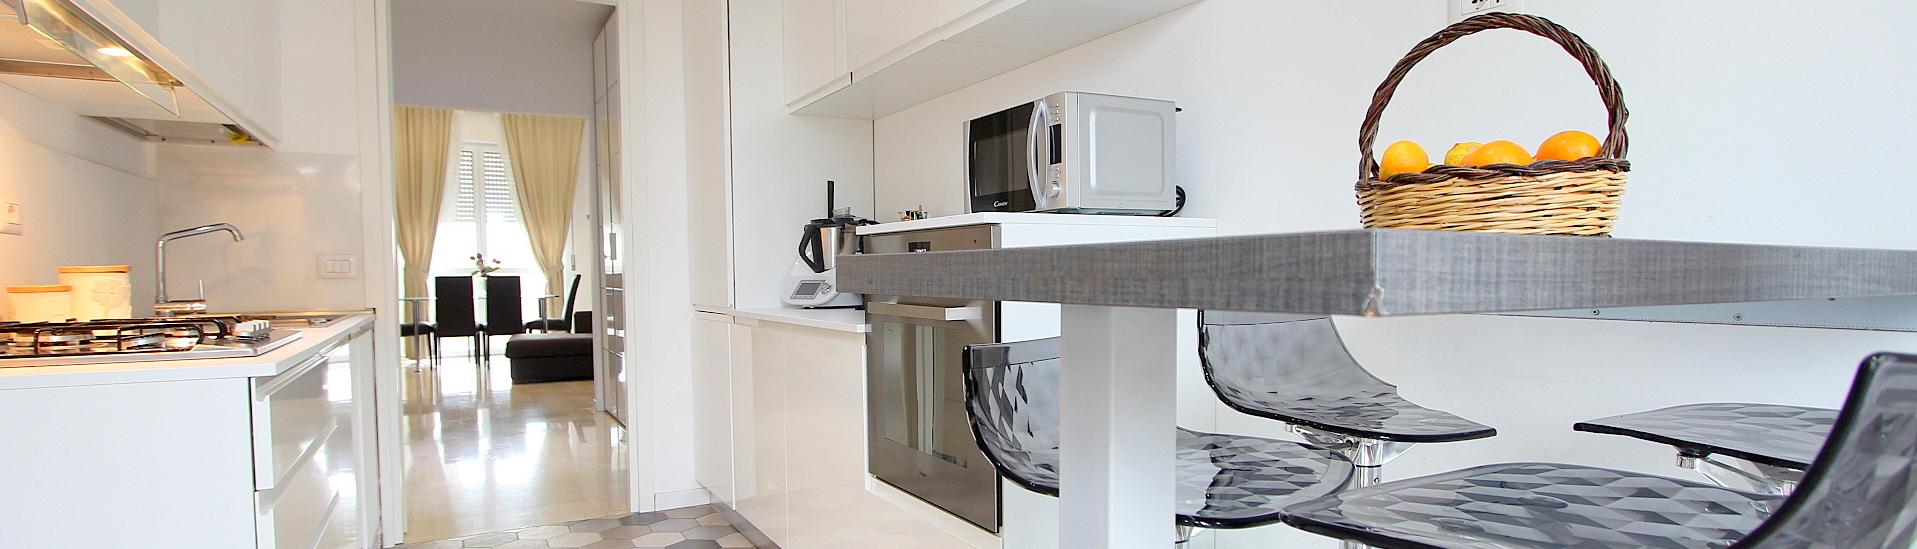 Ampio appartamento completamente ristrutturato